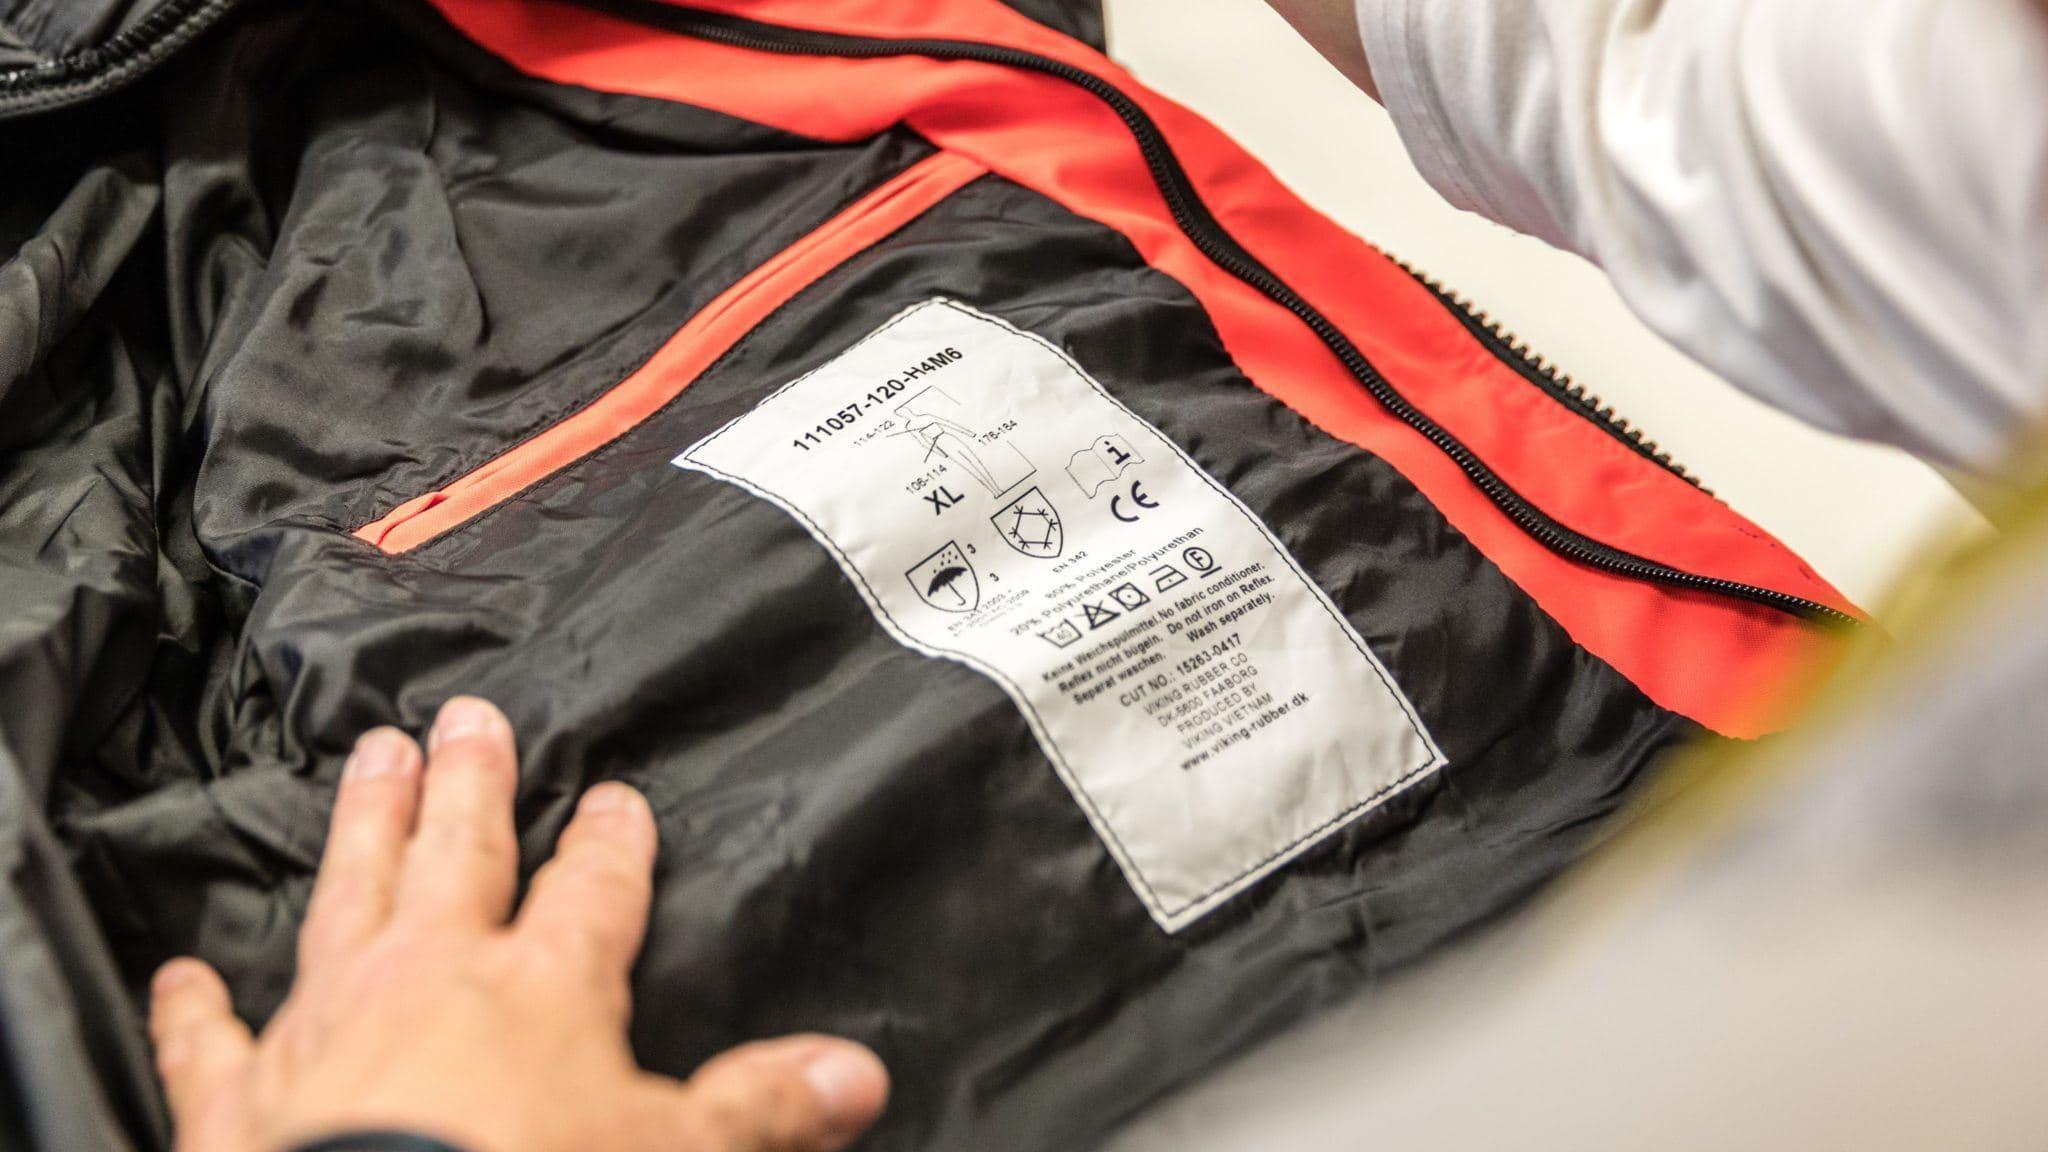 Qualitätsmerkmale für langlebige Arbeitsbekleidung